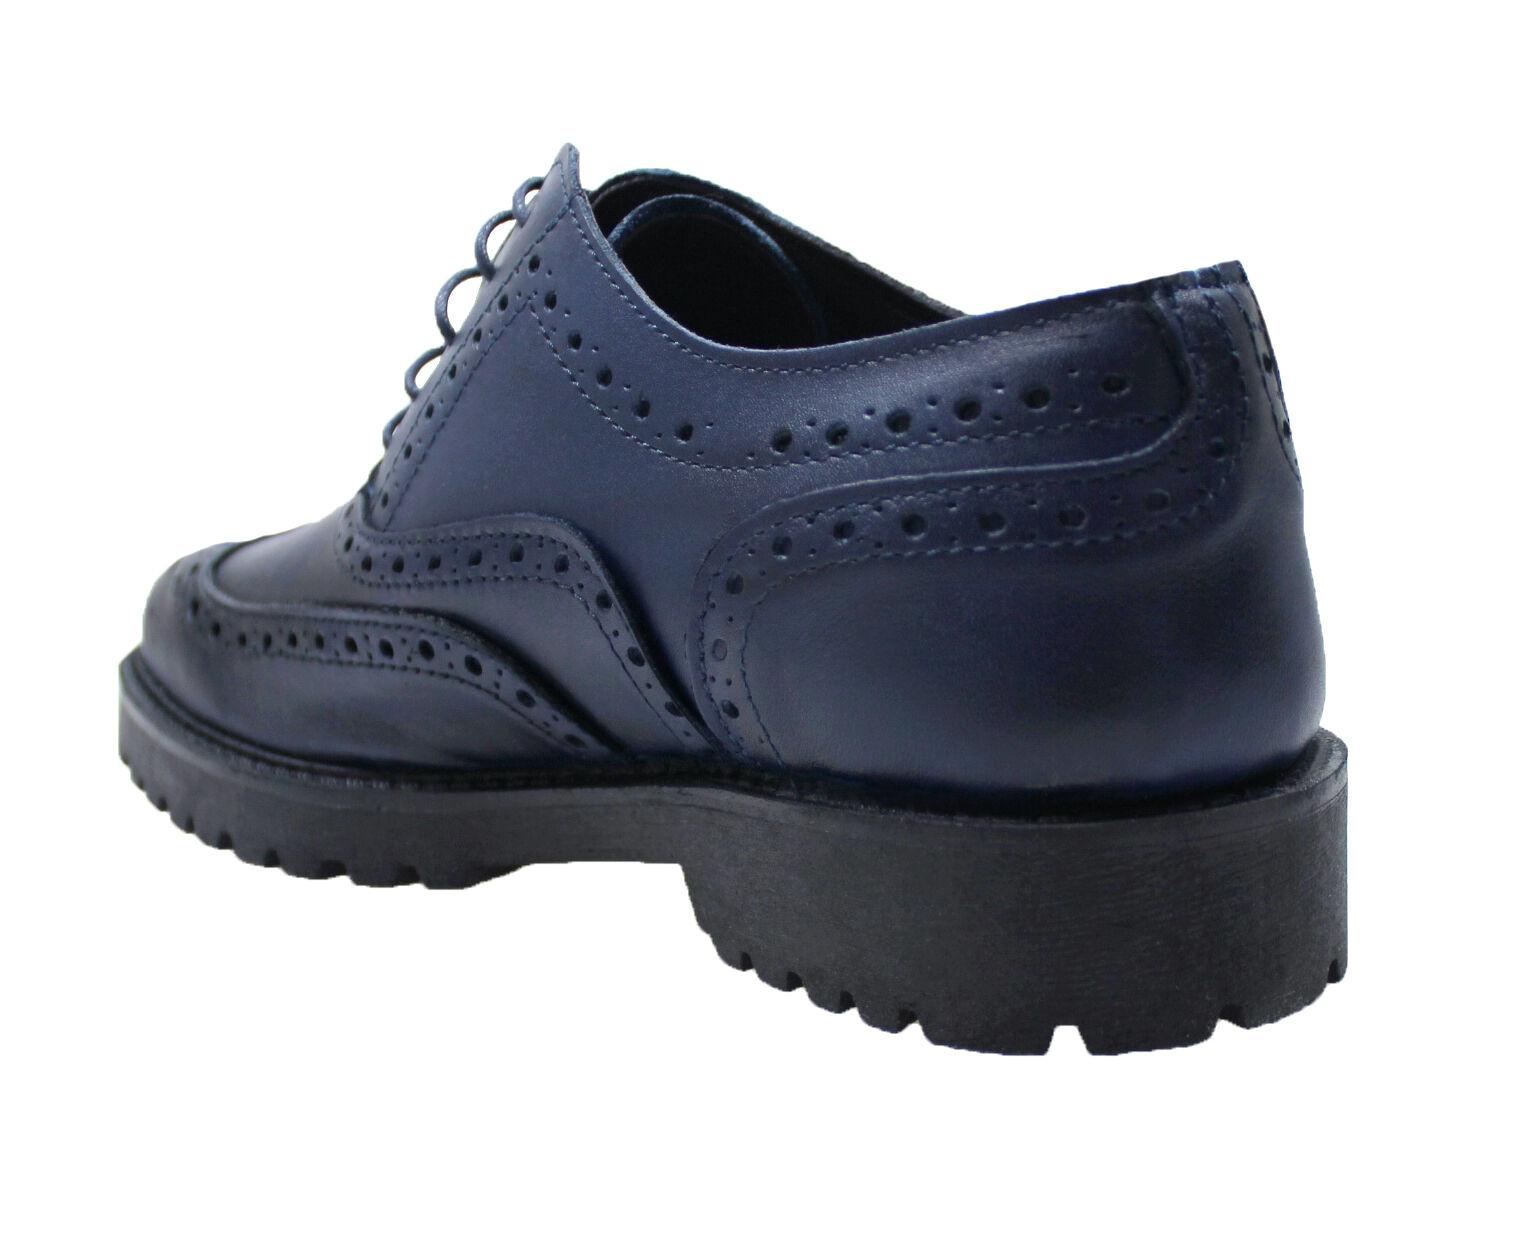 Herrenschuhe Paris blau Leder Schuhe Casual hergestellt in 45 ITALY da 39 a 45 in 6819bf